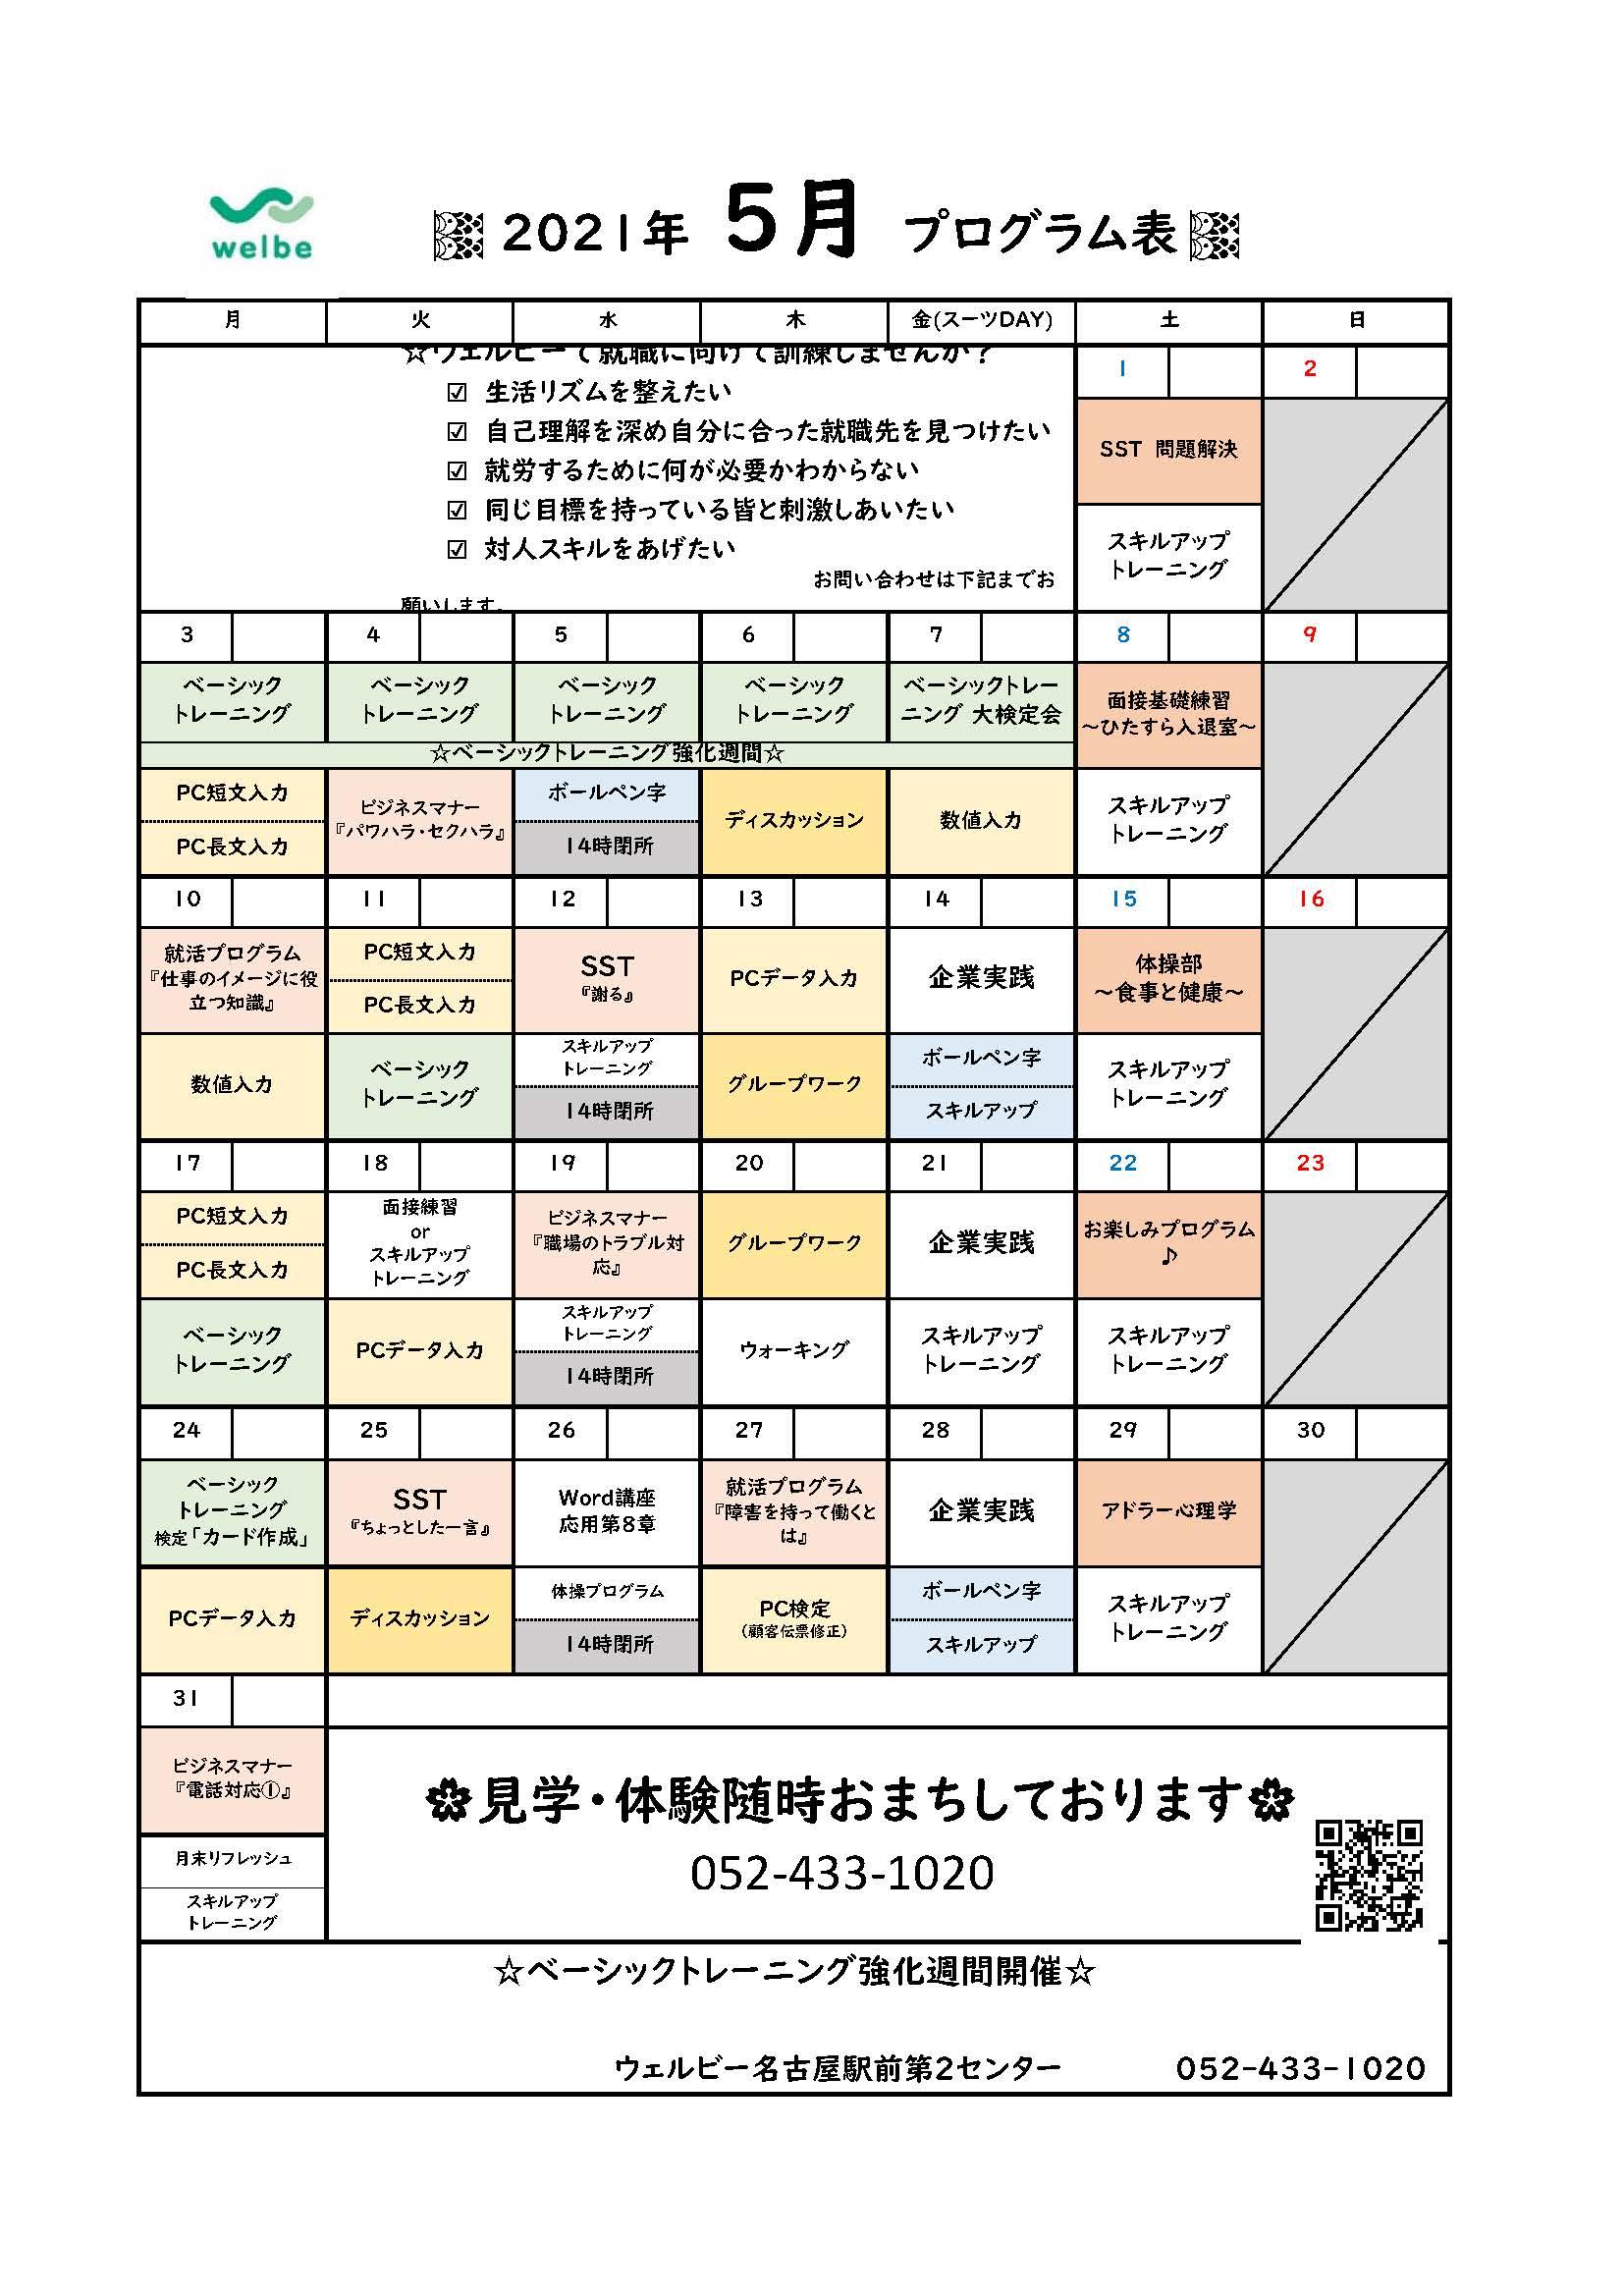 名古屋駅前第2センター画像①(5月プログラム表)